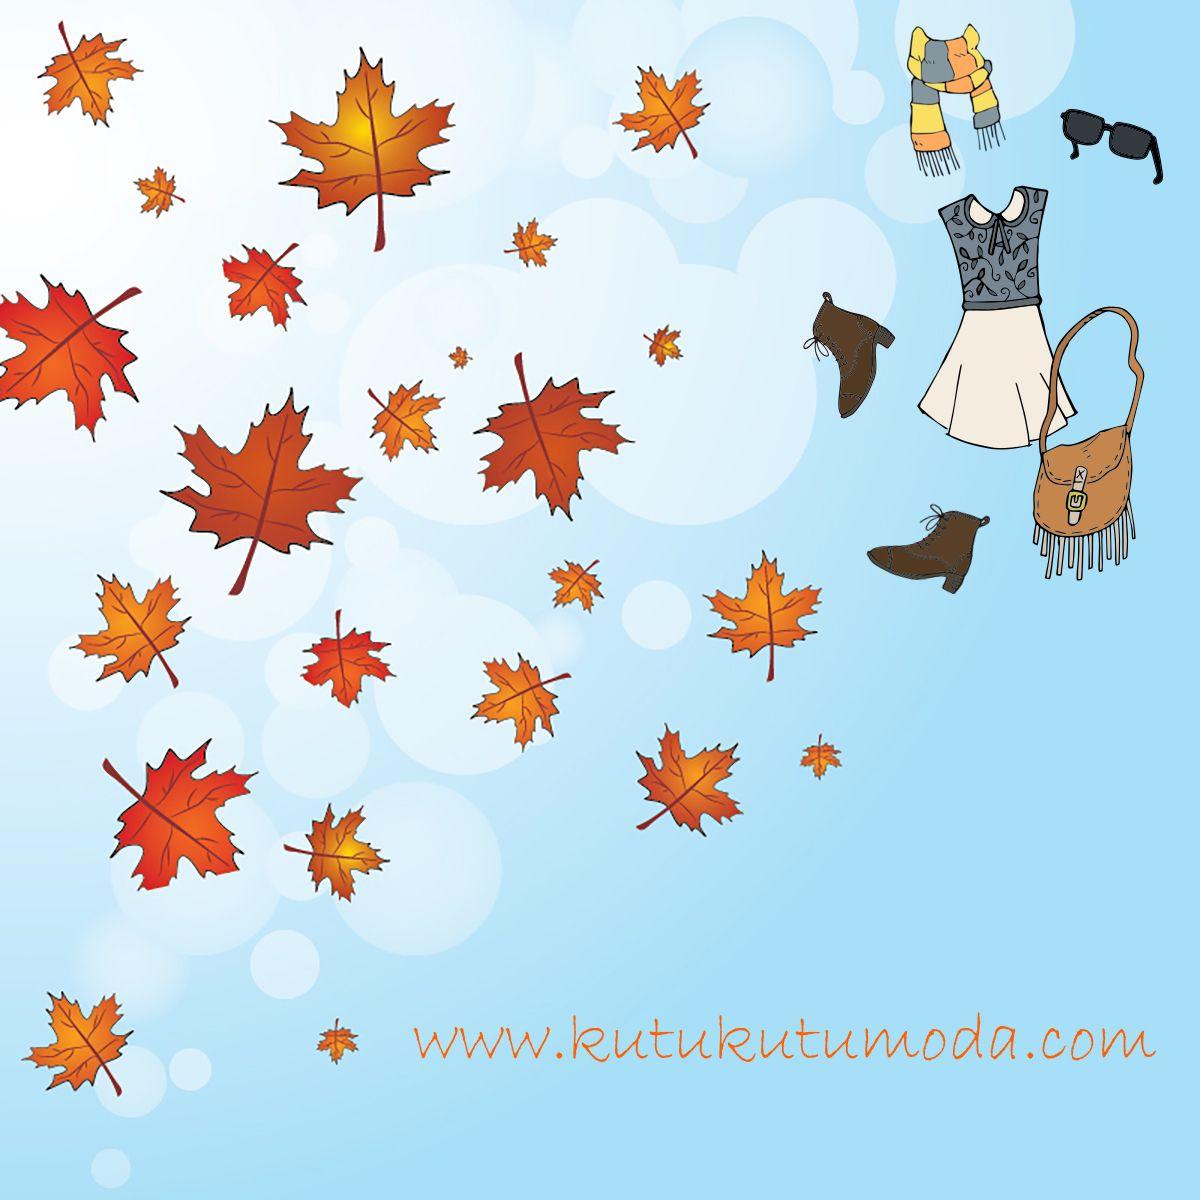 Sonbaharın şu son günlerinde, içini ısıtacak rengarenk sürprizlerle dolu bir kutu almaya ne dersin? 🍁 🍂 🍁 Kasım kutuları satışta, sipariş vermeyi unutma! 😊 %20 İNDİRİM FIRSATI İÇİN KUPON KODU: indirim http://www.kutukutumoda.com/kutu-satin-al #kutukutumoda #sürprizkutu #modakutusu #moda #kıyafet #giyim #takı #aksesuar